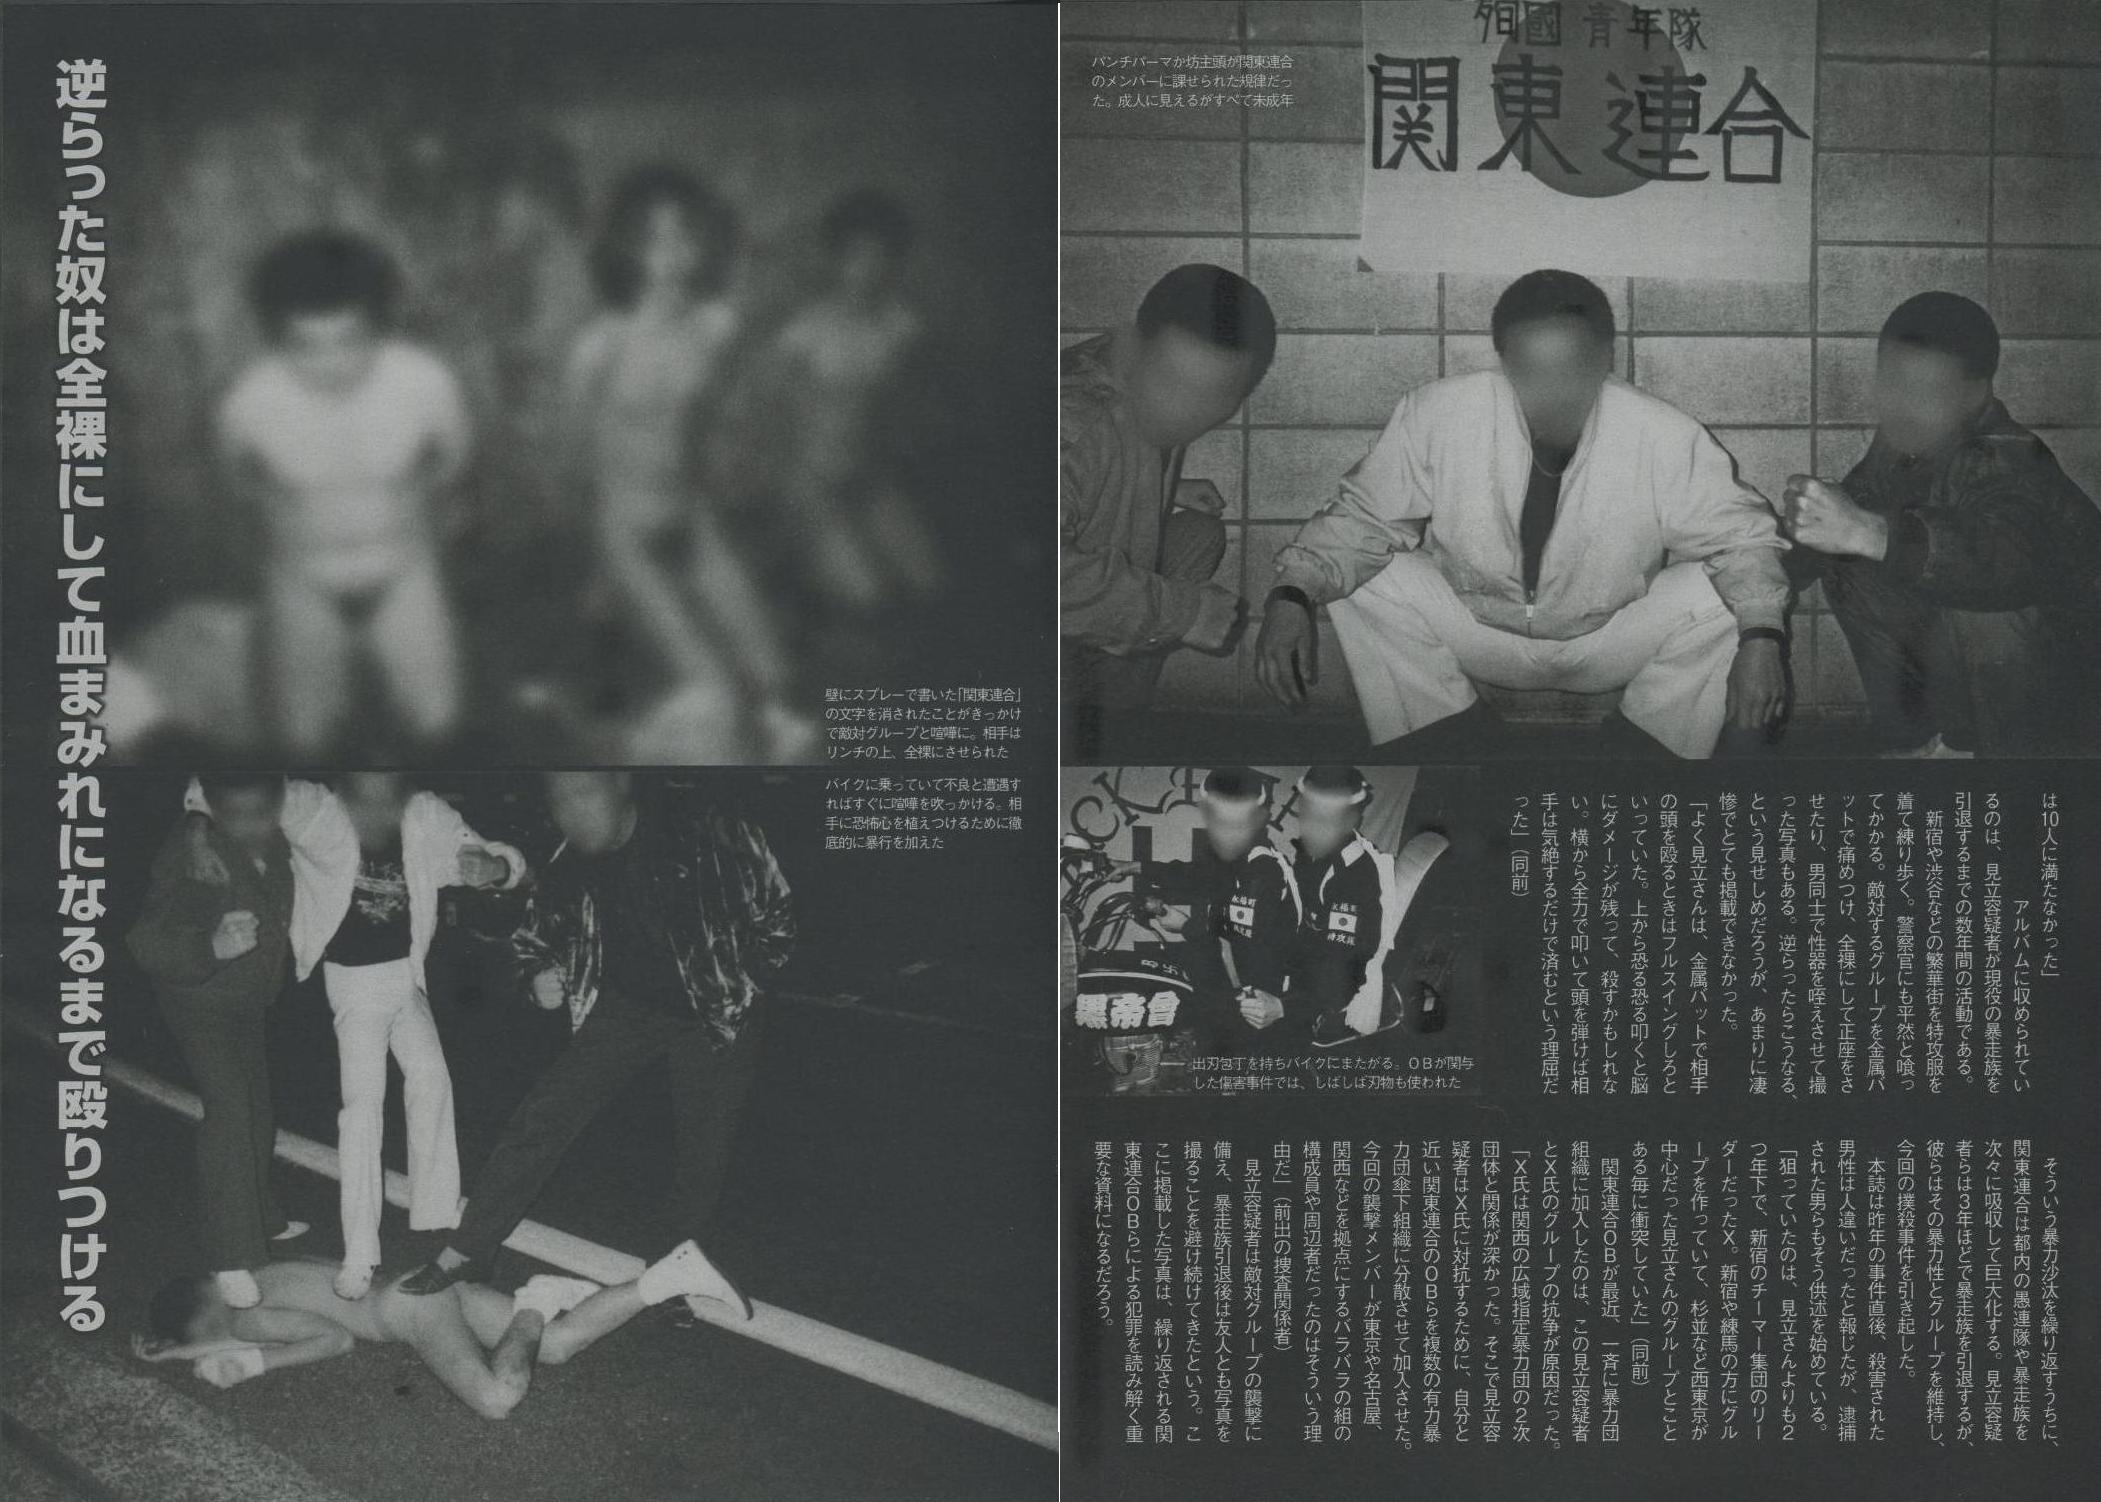 ●四代目 ウラジーミル・プーチン vs ○三代目 安倍晋三              vs クネ (151)